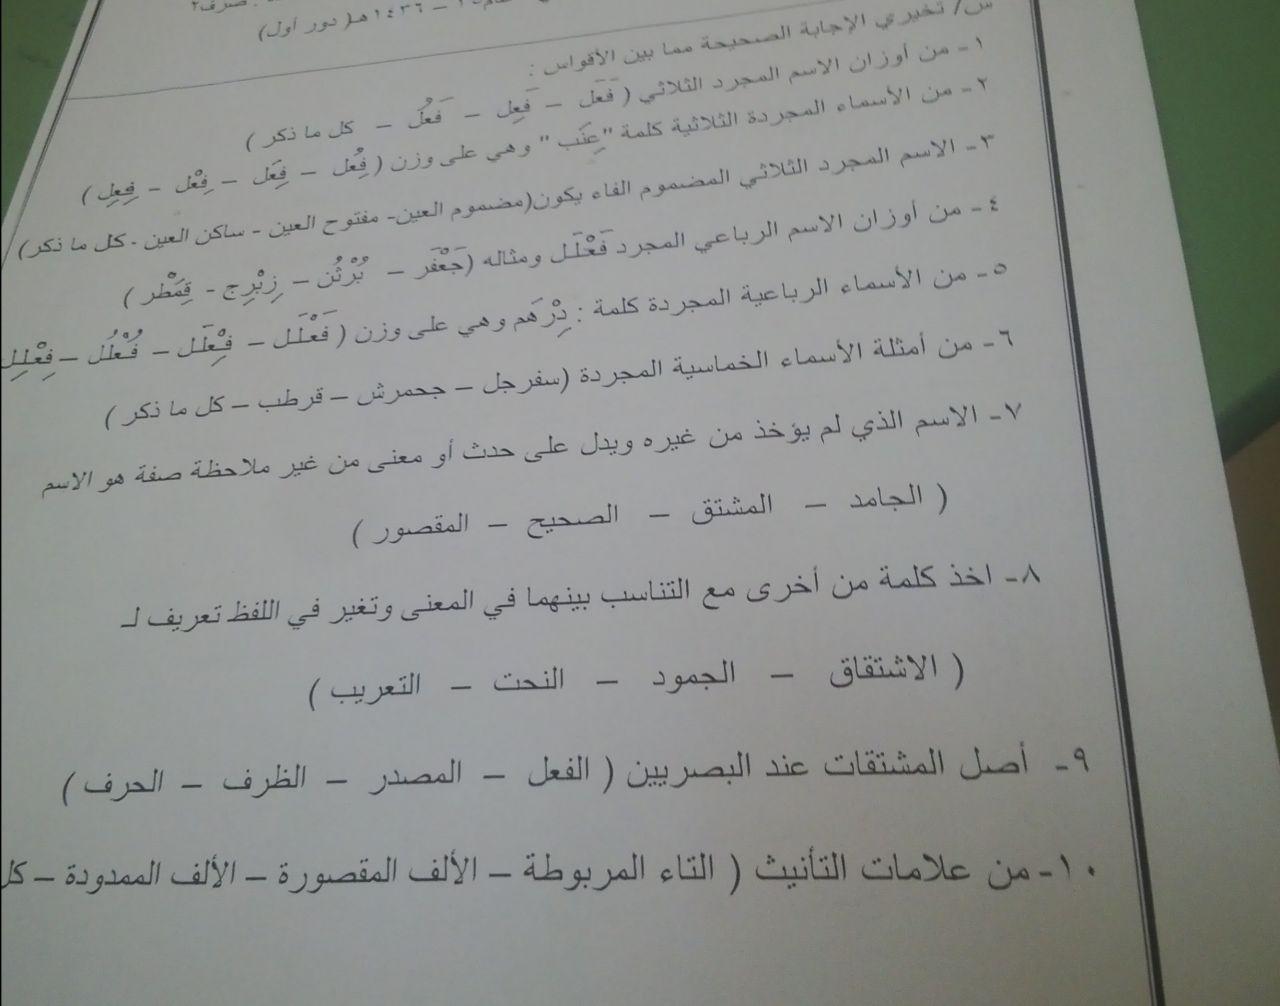 اسئلة اختبار صرف 2 الفصل الثاني 1436هـ IMG-20150520-WA0000.